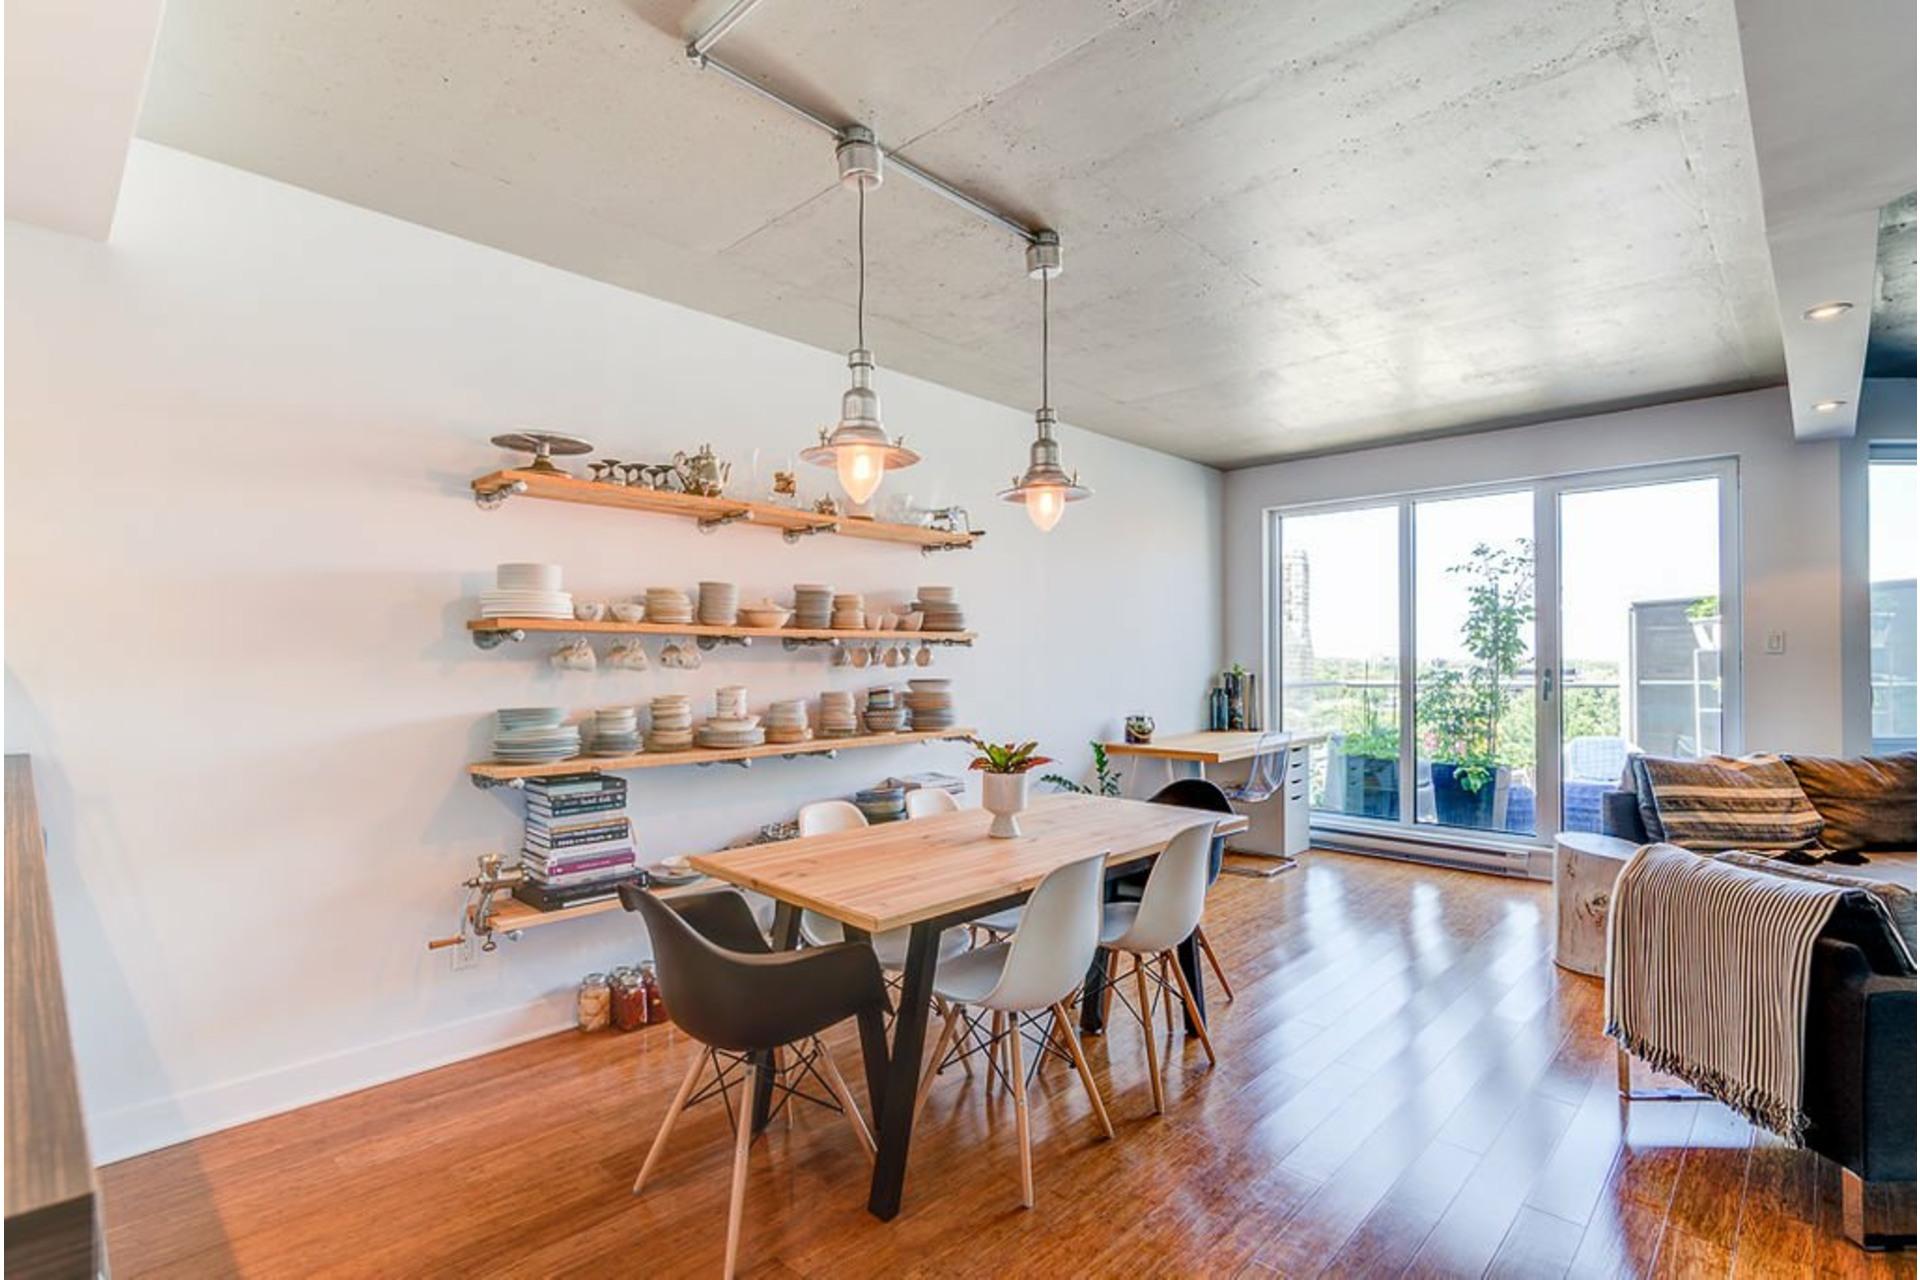 image 4 - Apartment For sale Villeray/Saint-Michel/Parc-Extension Montréal  - 4 rooms